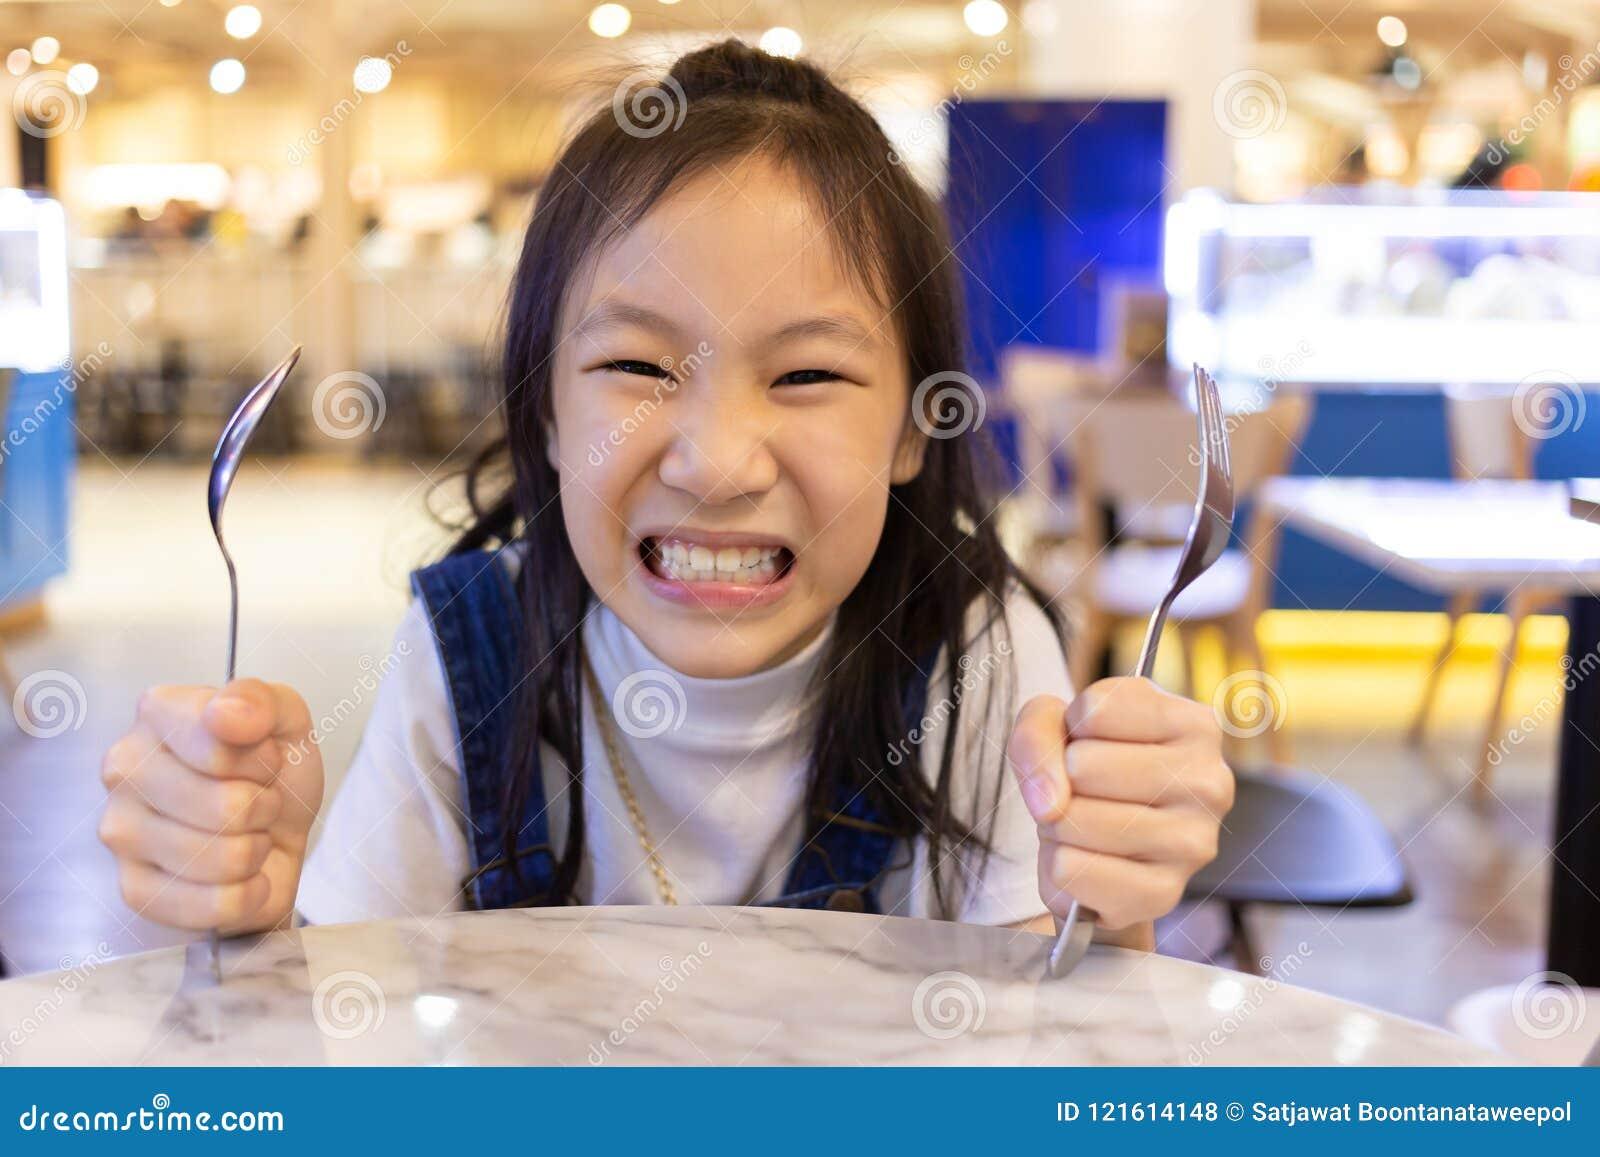 Distúrbio alimentar, almoço de espera com fome e ord da menina bonito asiática